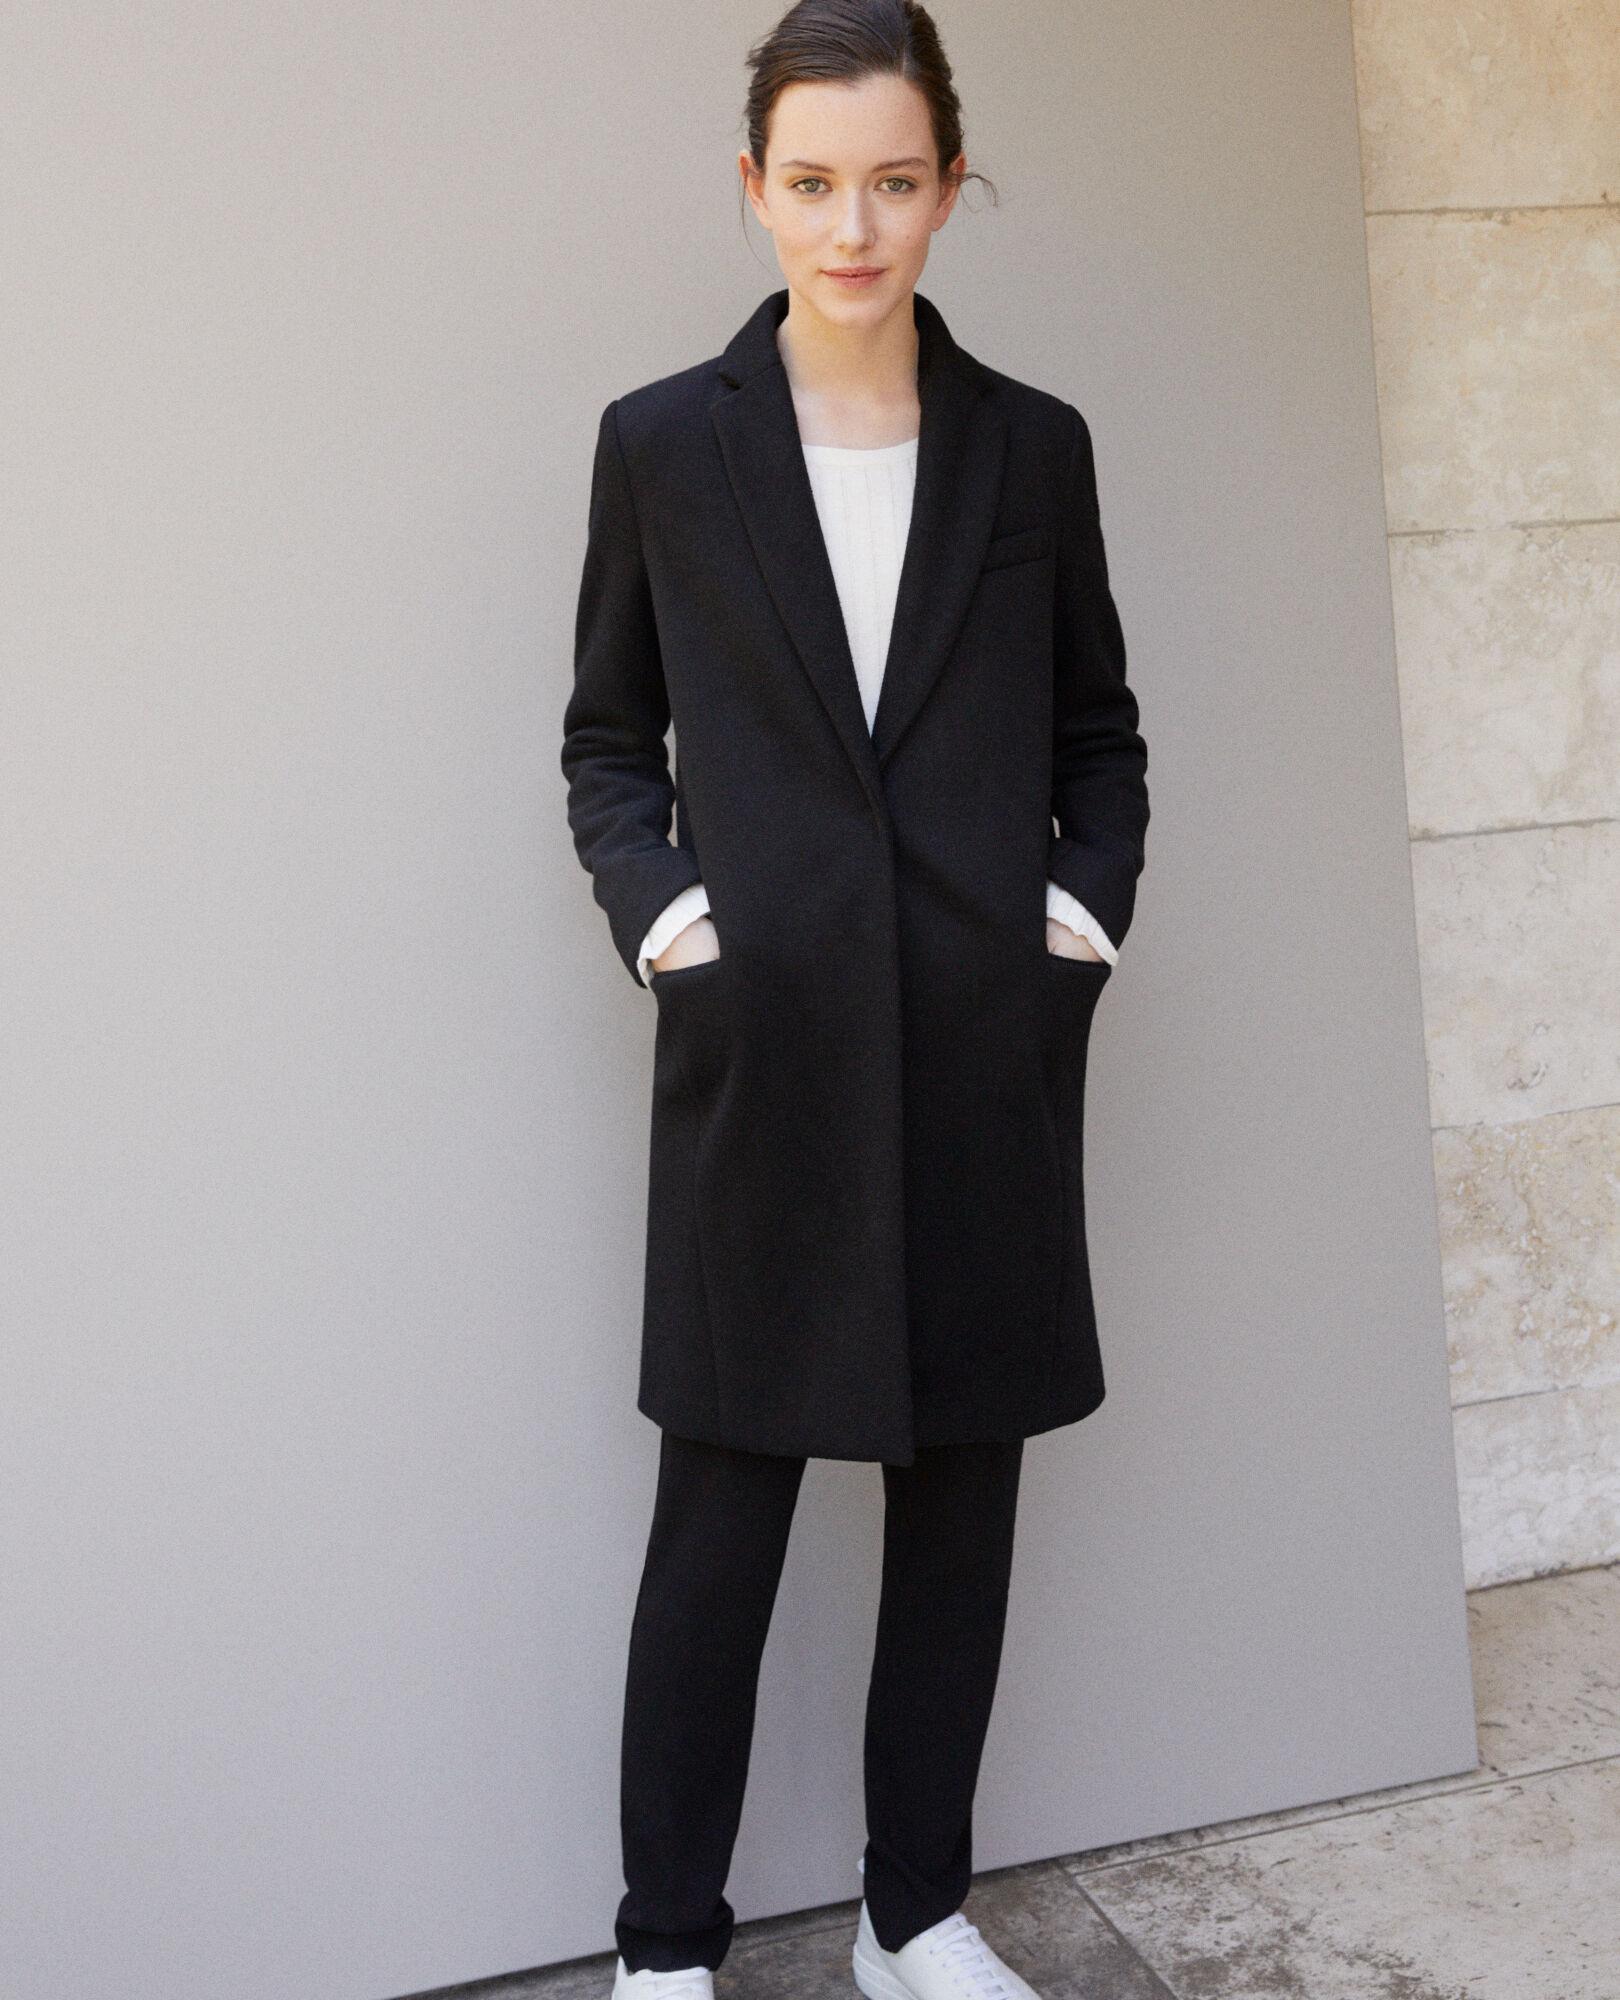 2018 Des Été Petits Cotonniers Femmes Comptoir Vêtements Prix Mode 7qXwS1wB